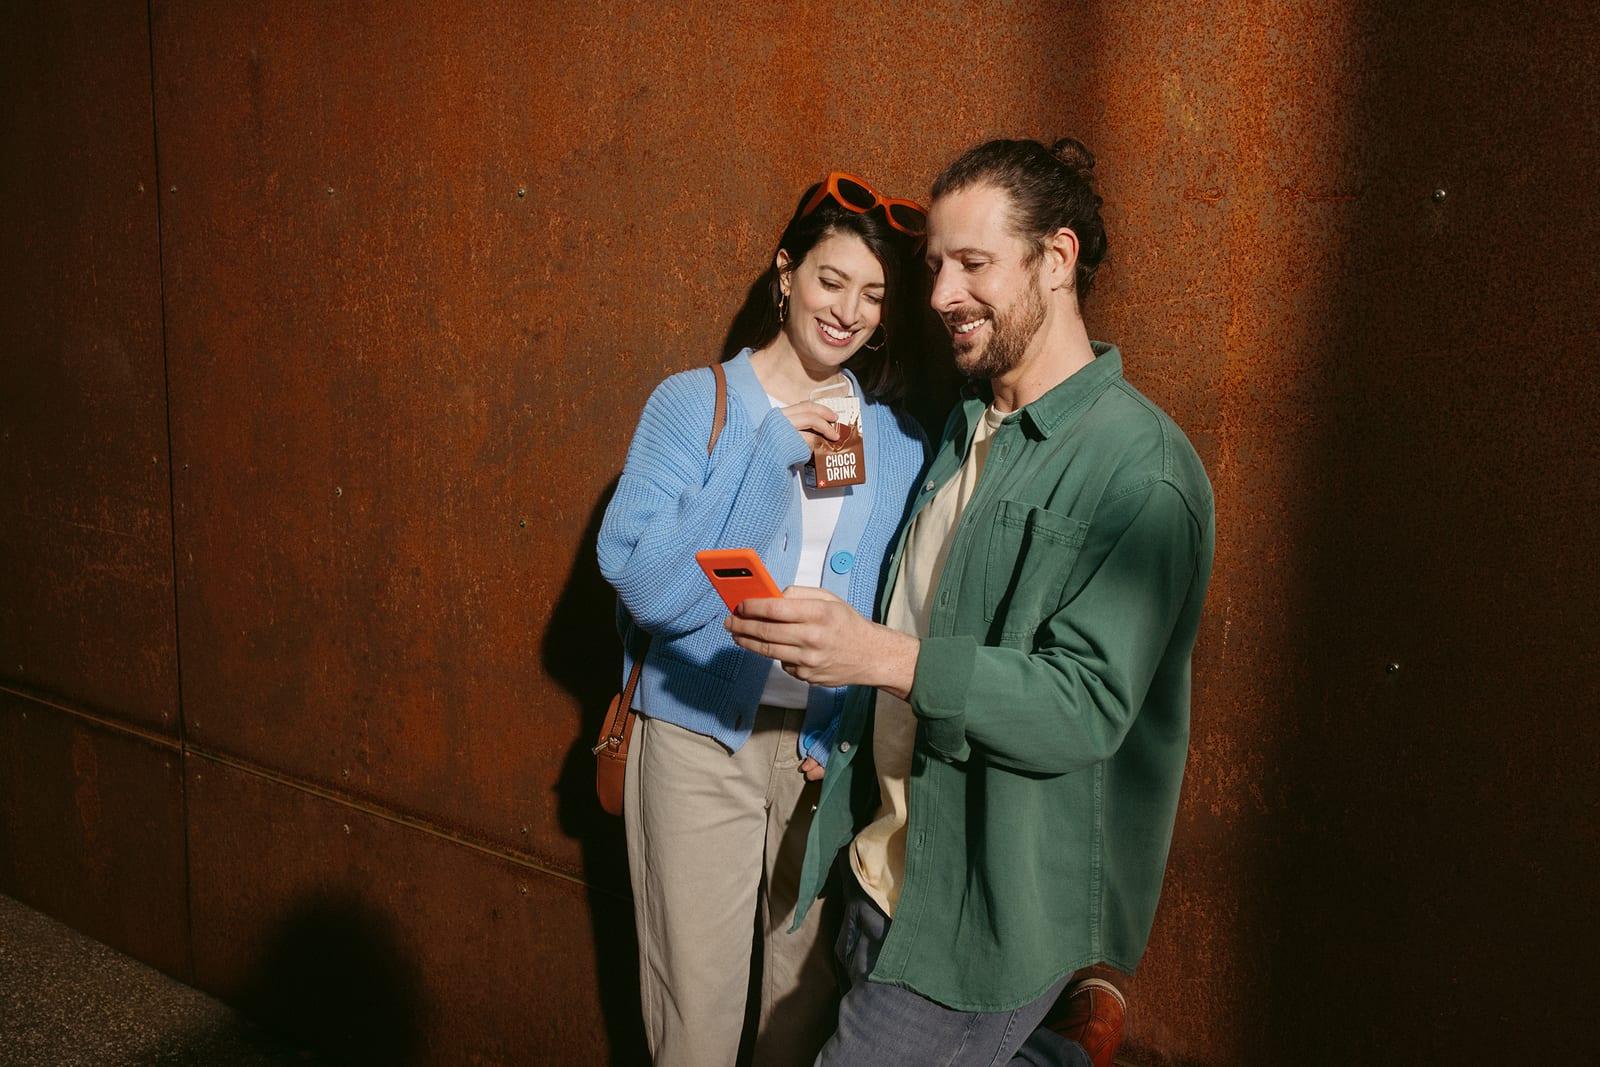 Ein junges Paar steht vor einer Wand. Beide schauen auf das Smartphone, dass er Mann in der Hand hälft und diskutieren.